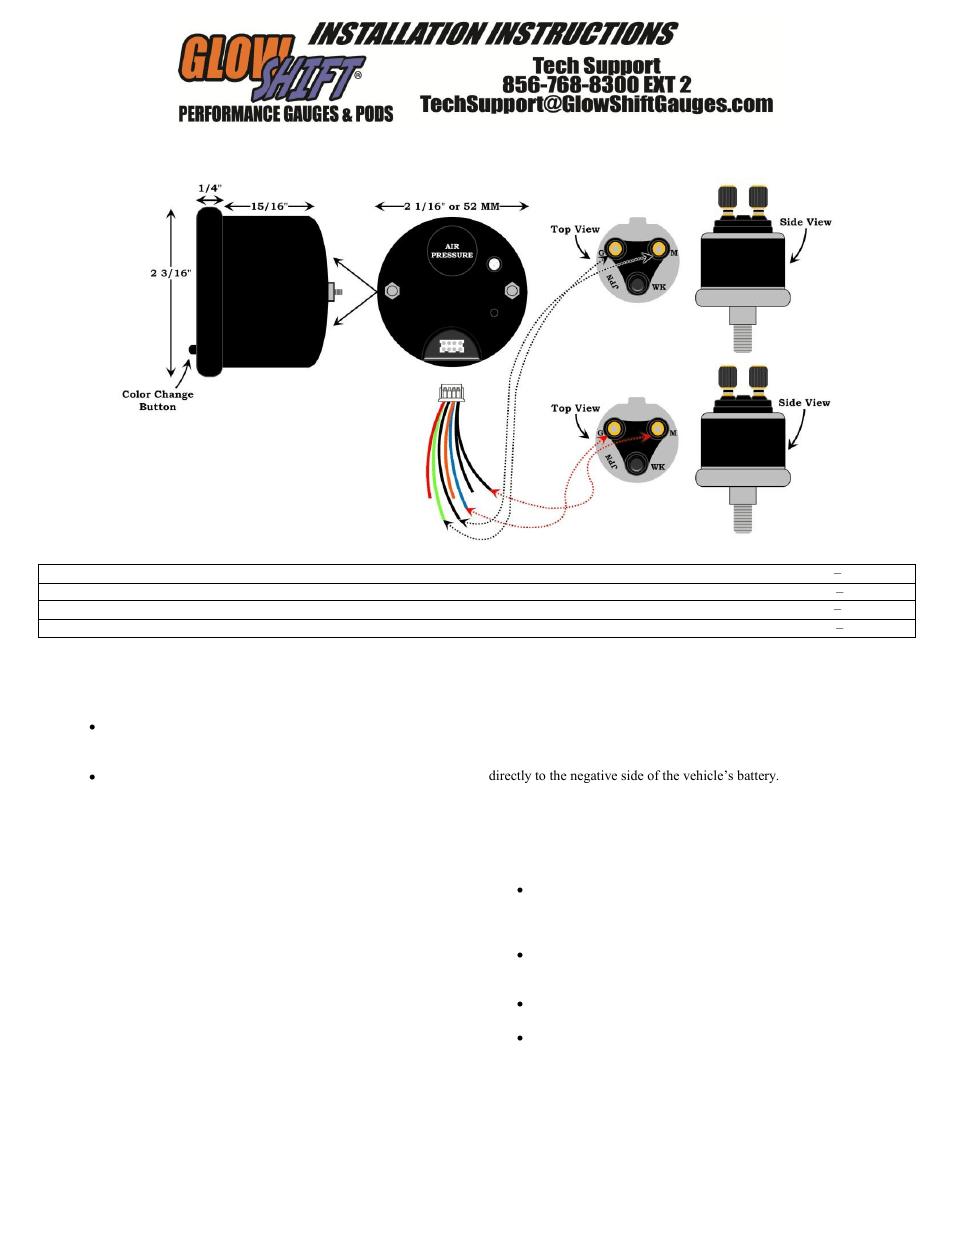 hight resolution of glowshift 7 color series 220 psi dual digital air pressure gauge temperature gauge wiring diagram air pressure gauge wiring diagram